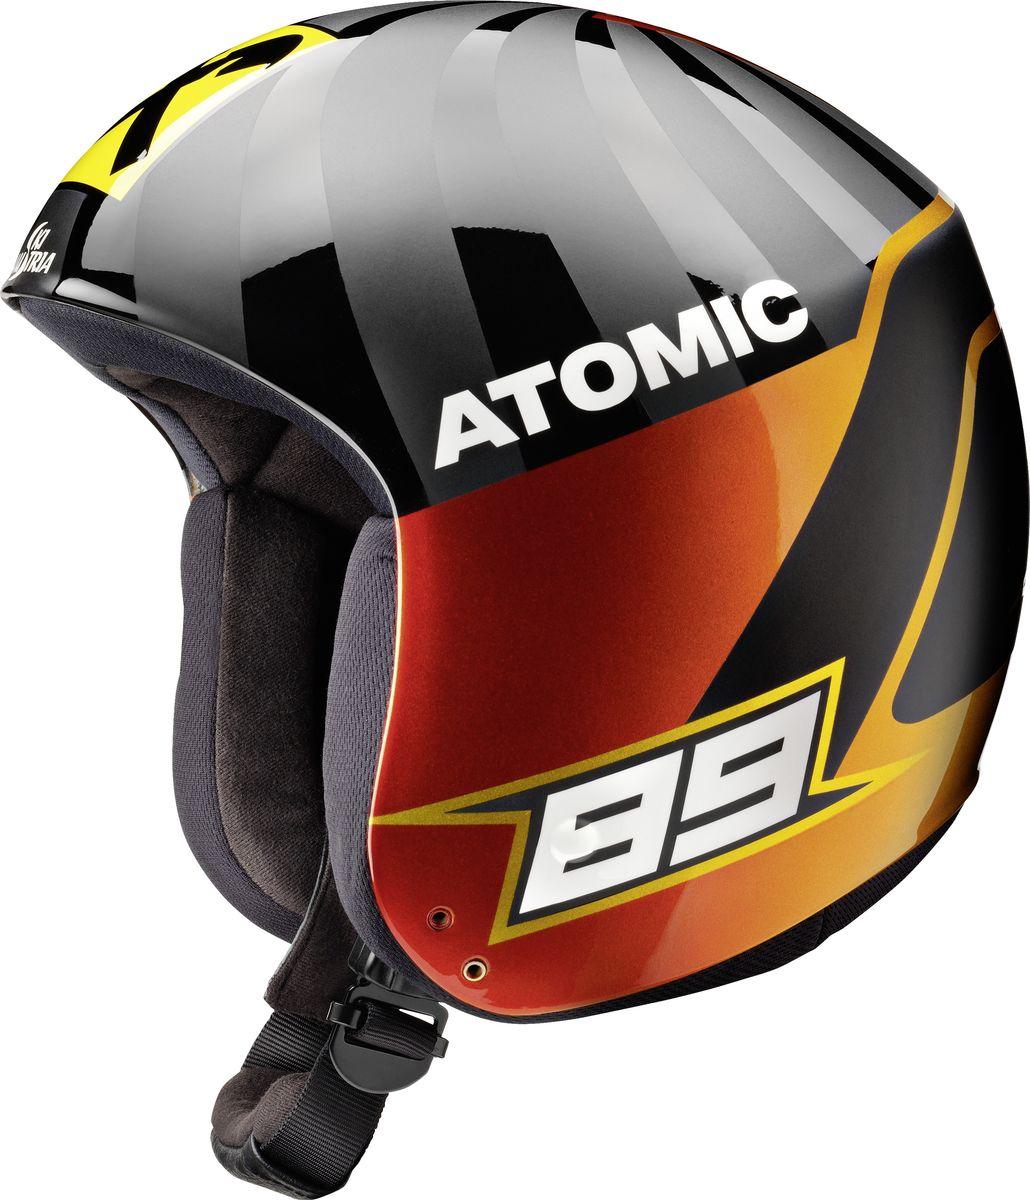 Шлем горнолыжный Atomic RedRedster Replica, цвет: черный. Размер L (59-62)